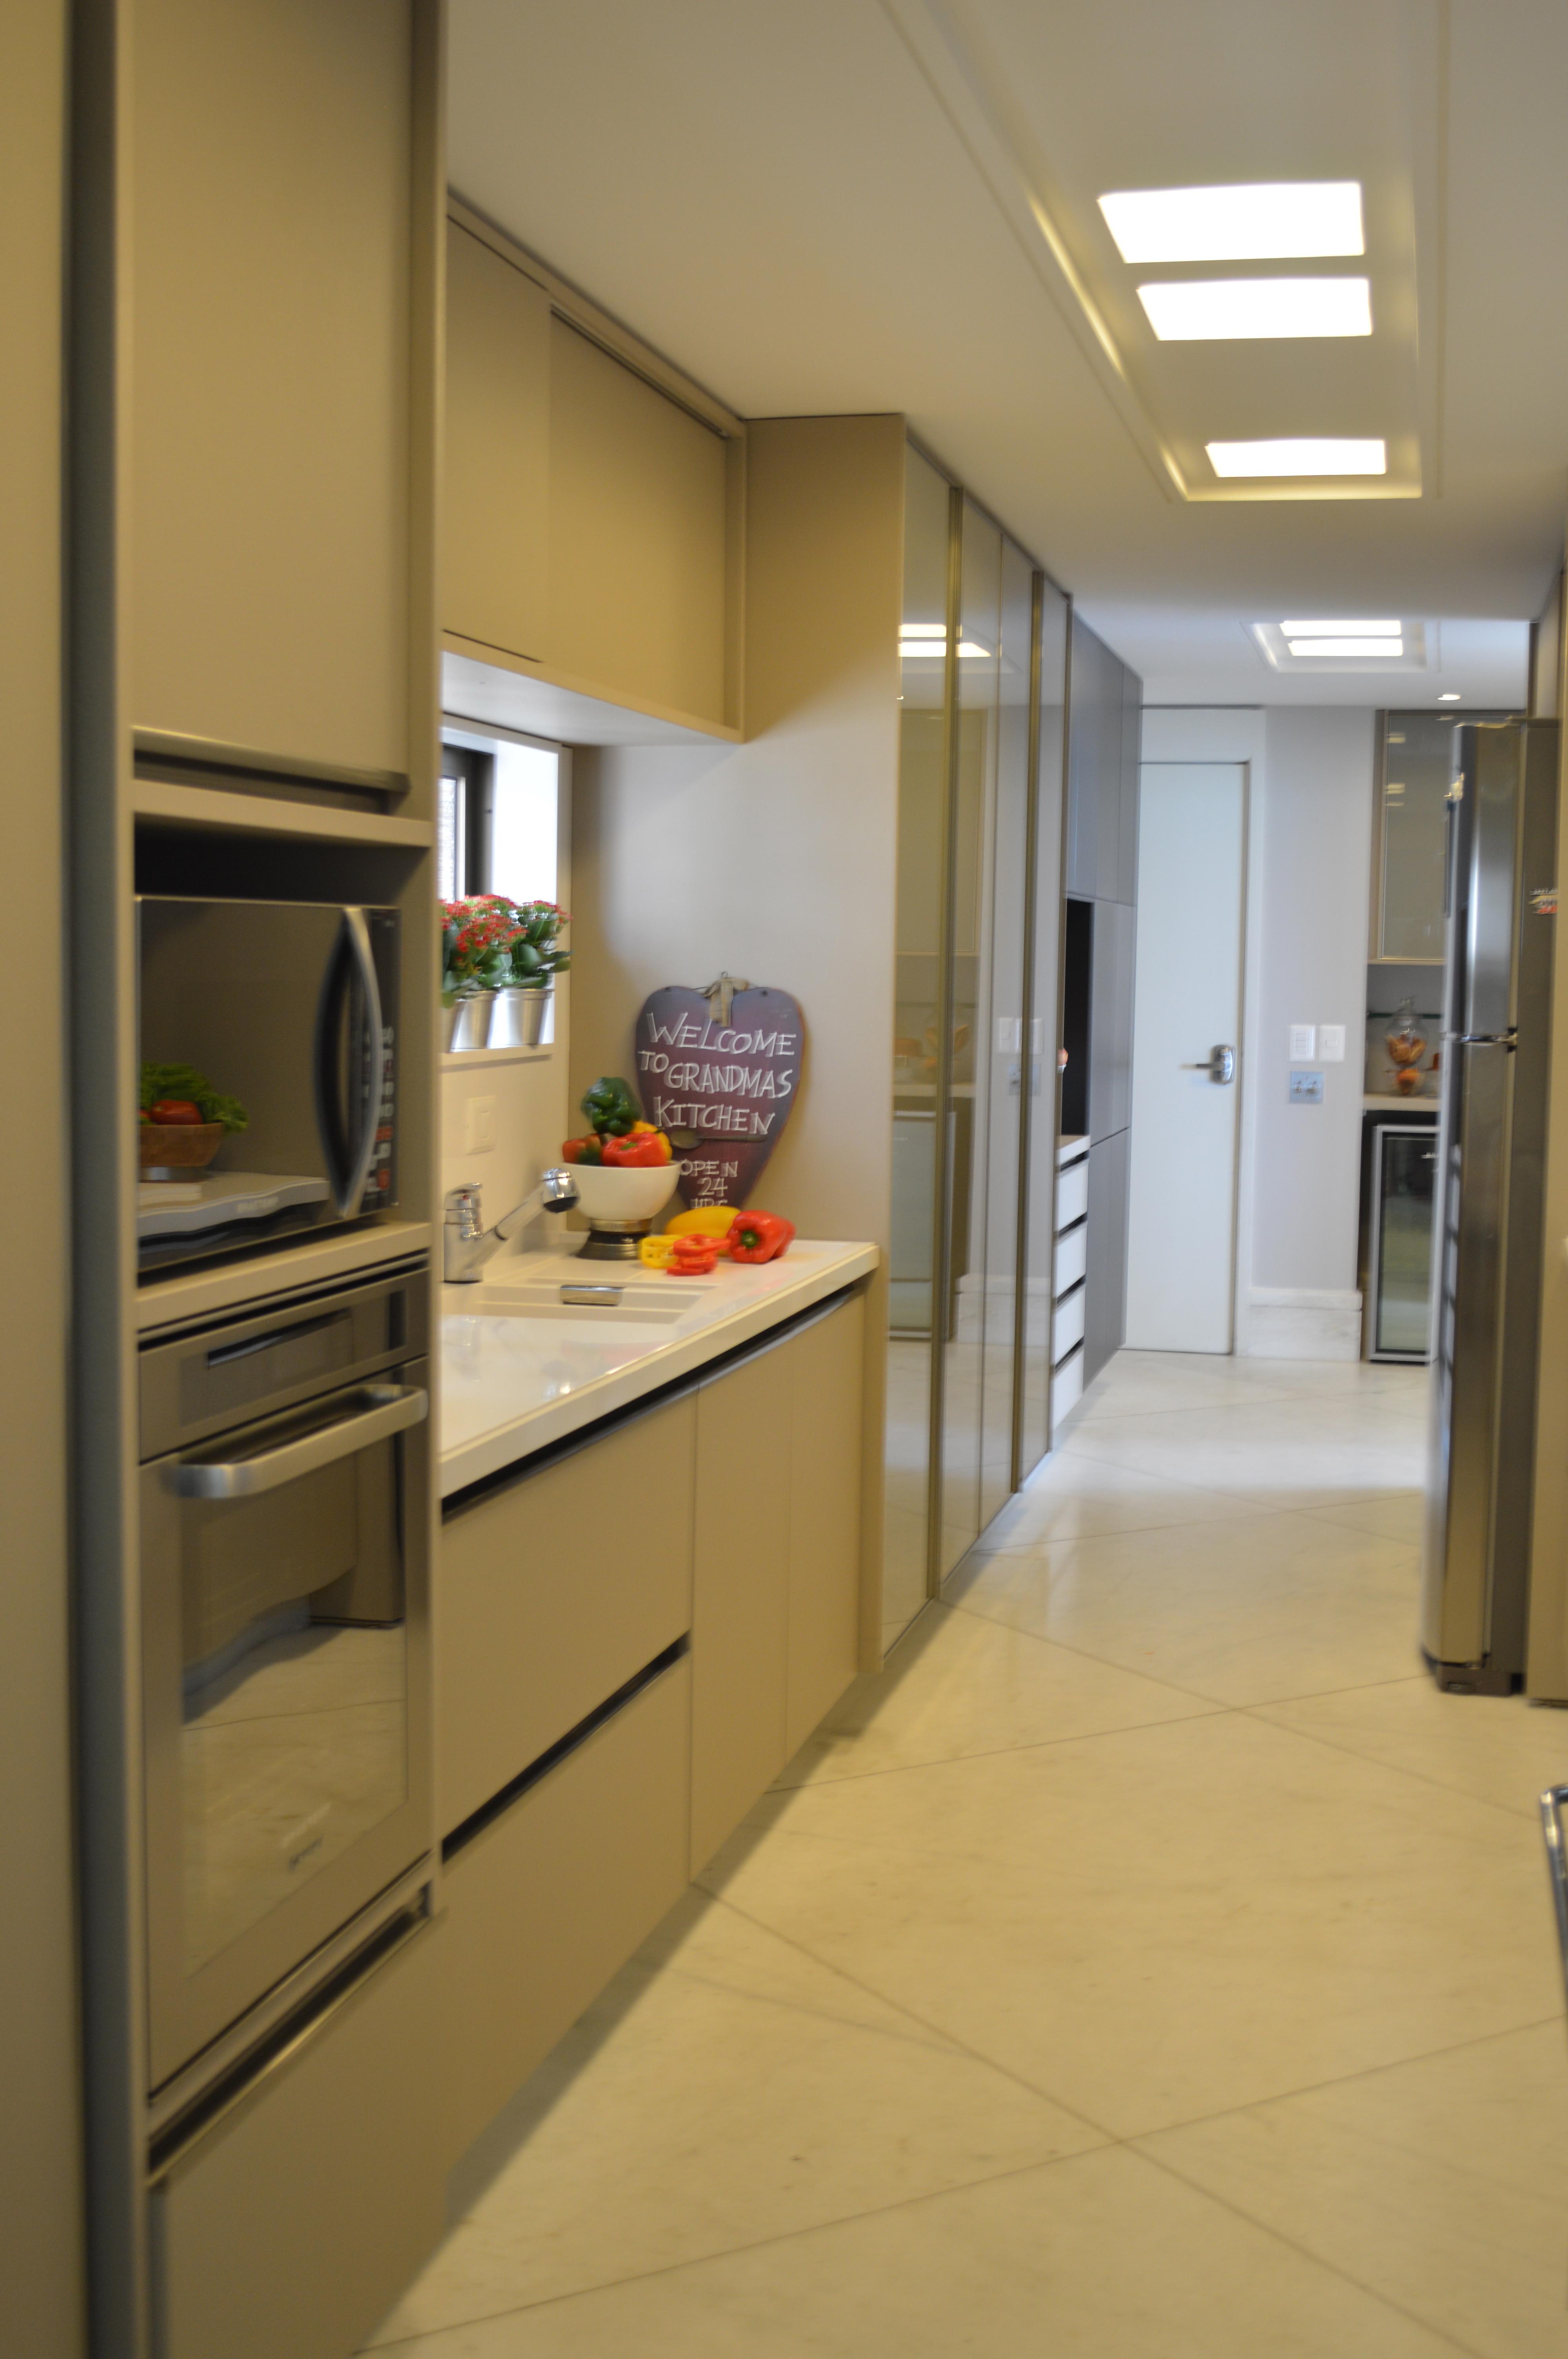 #90723B Quase um corredor minha cozinha mas ficou bem funcional. 4000x6016 px Projetos Cozinha Corredor #17 imagens